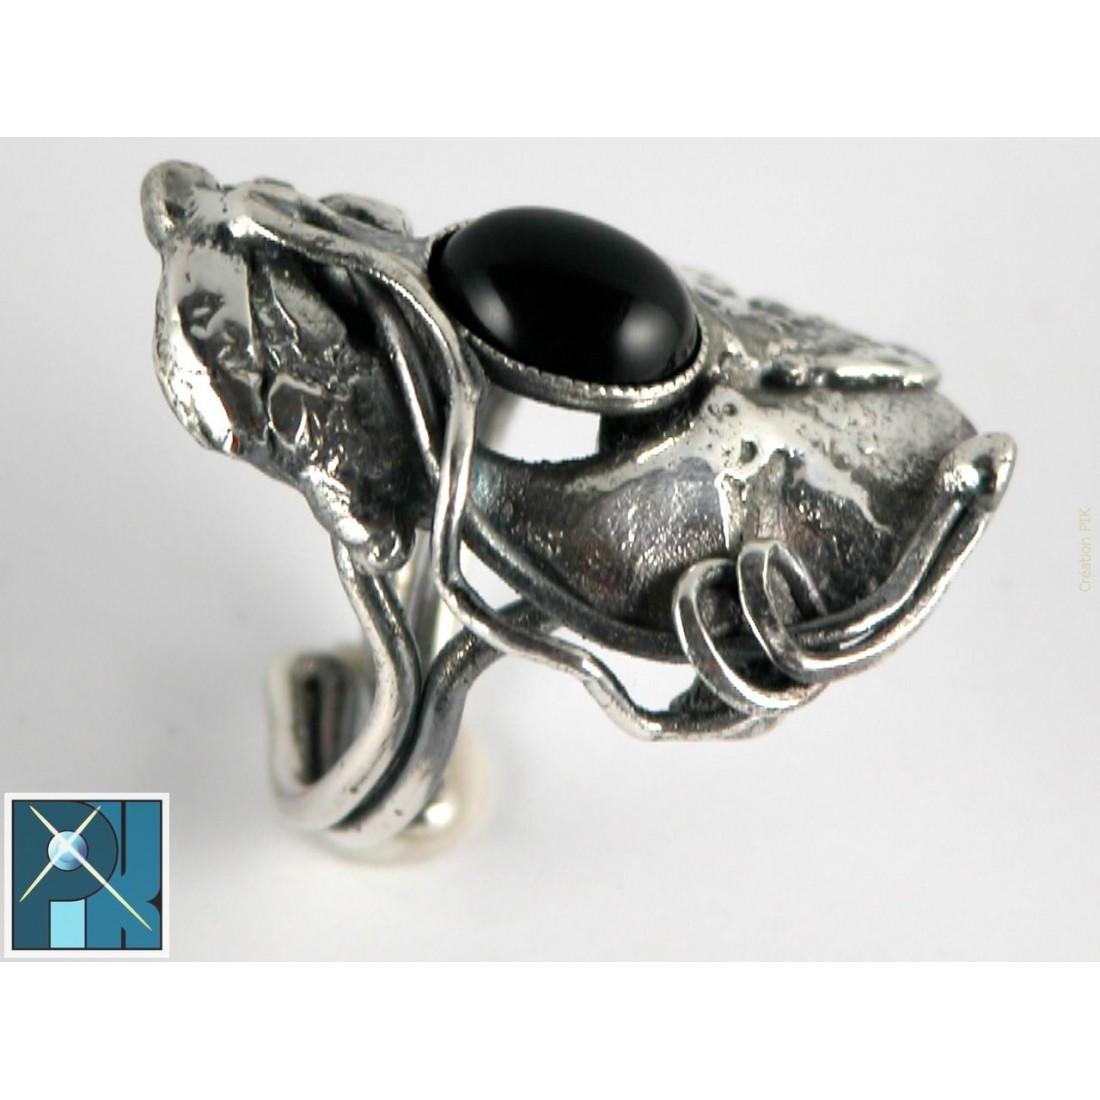 Bague artisanale avec onyx, pierre semi-précieuse.